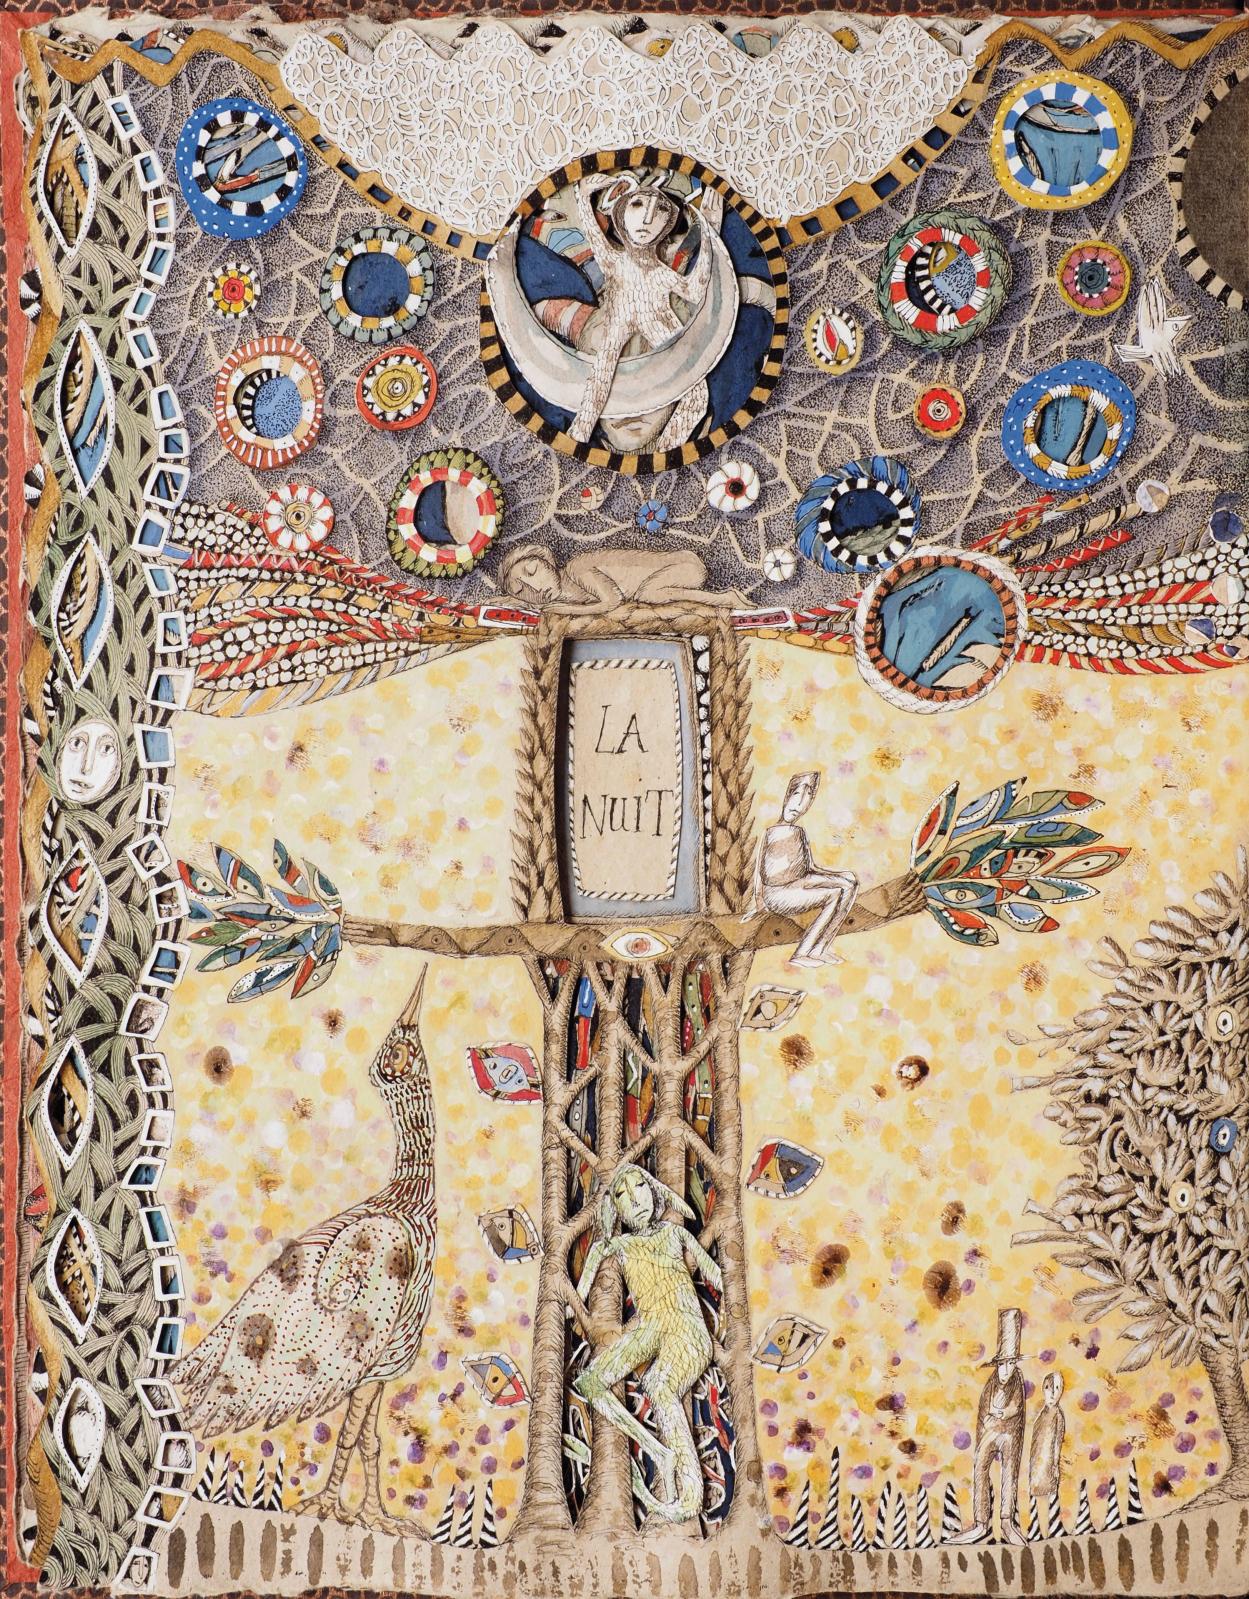 Diane de Bournazel (née en 1956), page of Scène ouverte, 2020 (detail).© Diane de Bournazel / Justin Croft, Royaume-Uni